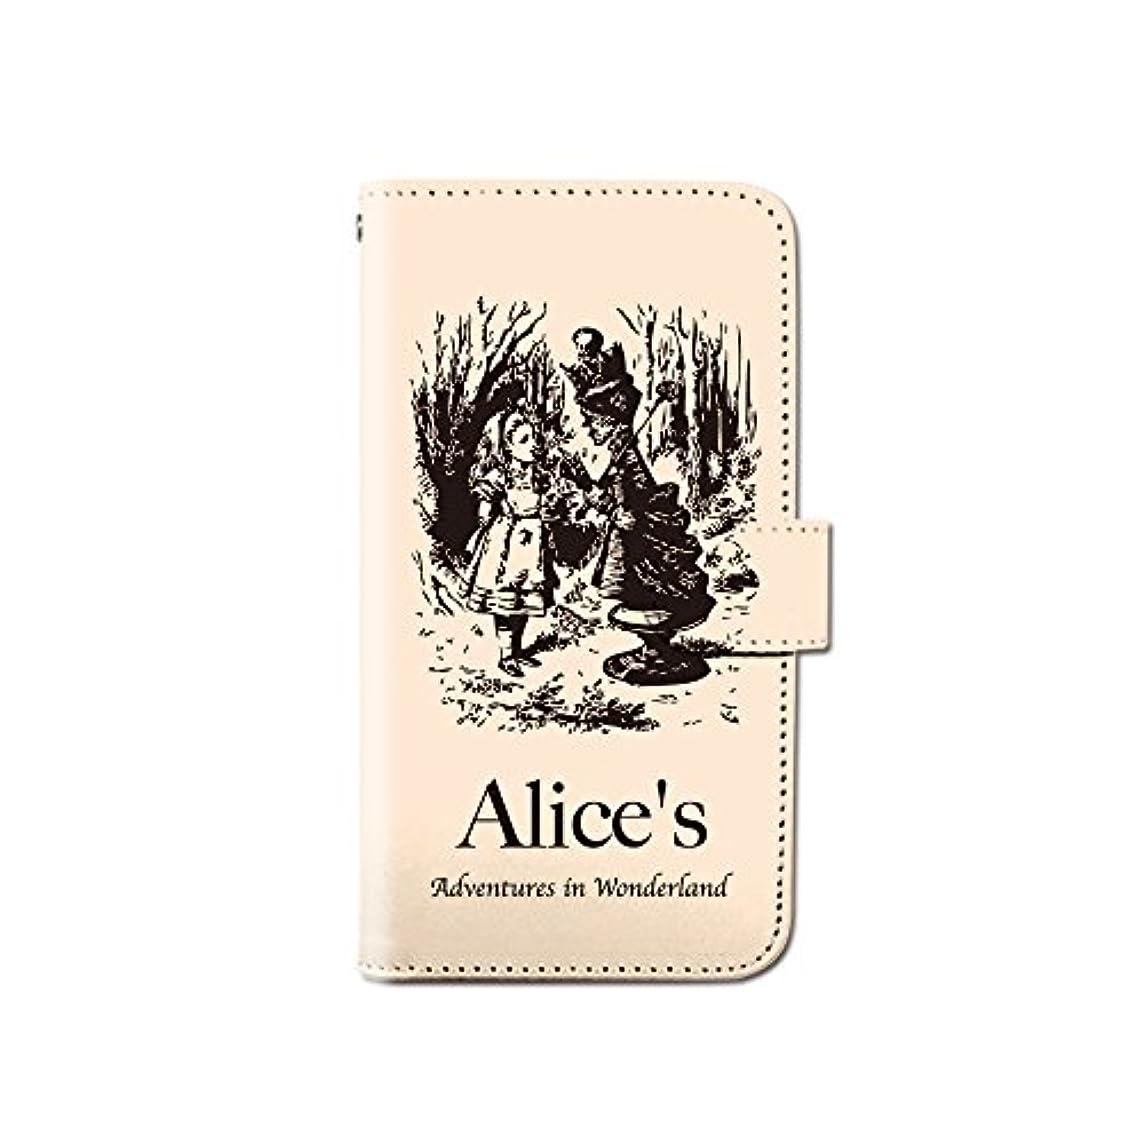 論争フライト有限iPhone XR 6.1 iPhoneXR アリス イラスト 絵本 スマホケース 手帳型 マグネット式 カード収納 dy001-00195-05 iPhone XR (6.1インチ):L